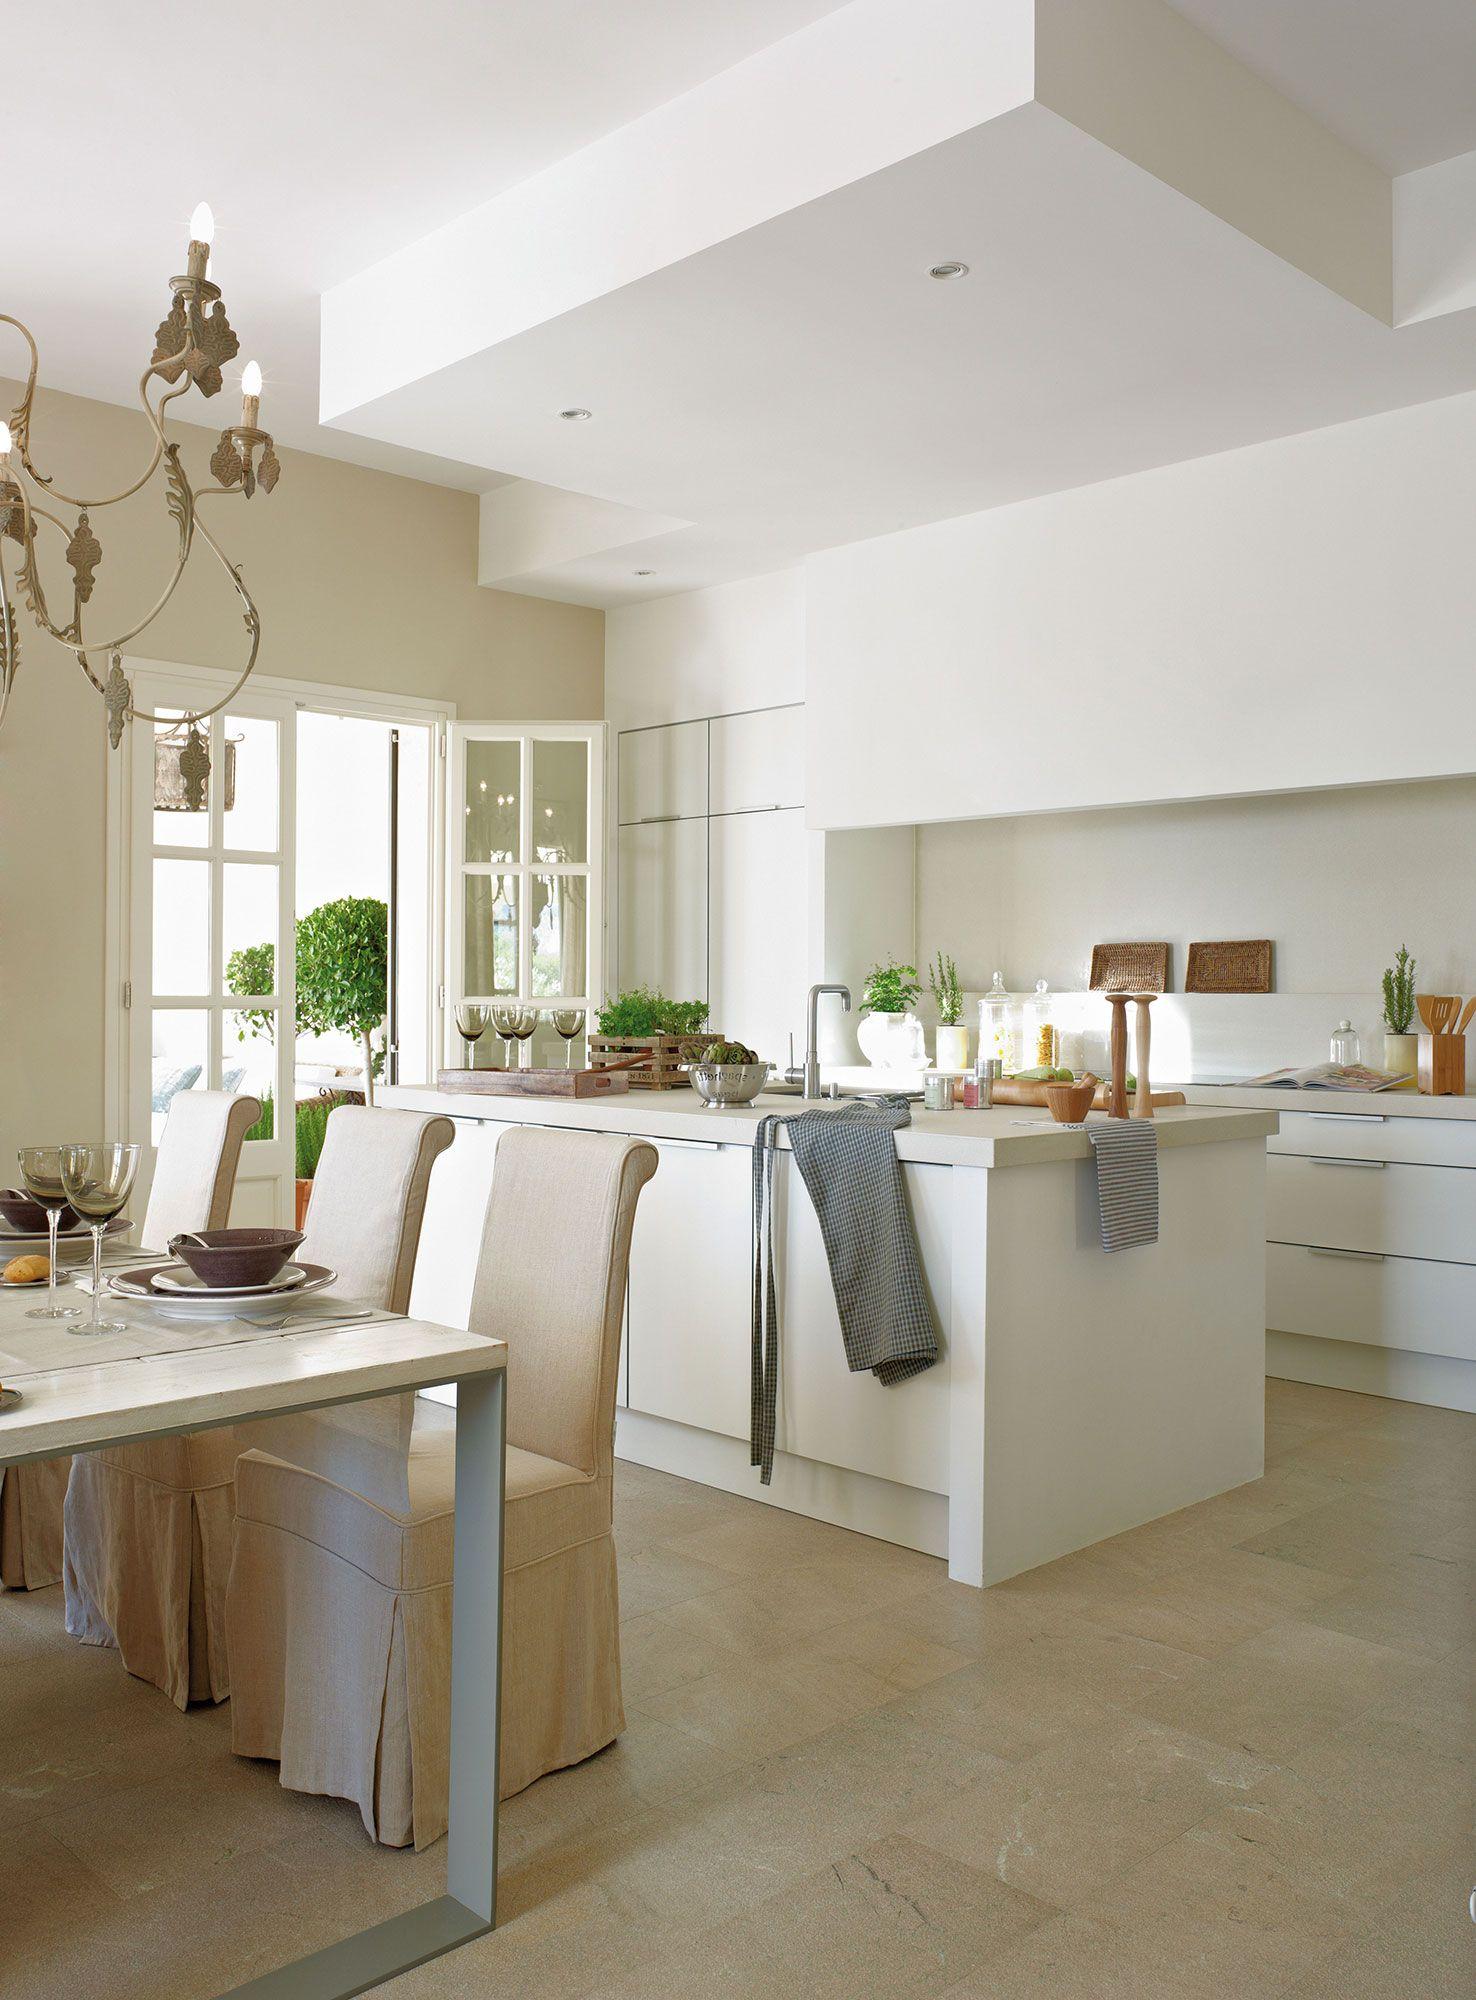 Cocina Blanca Con Isla Central Y Office Con Sillas Con